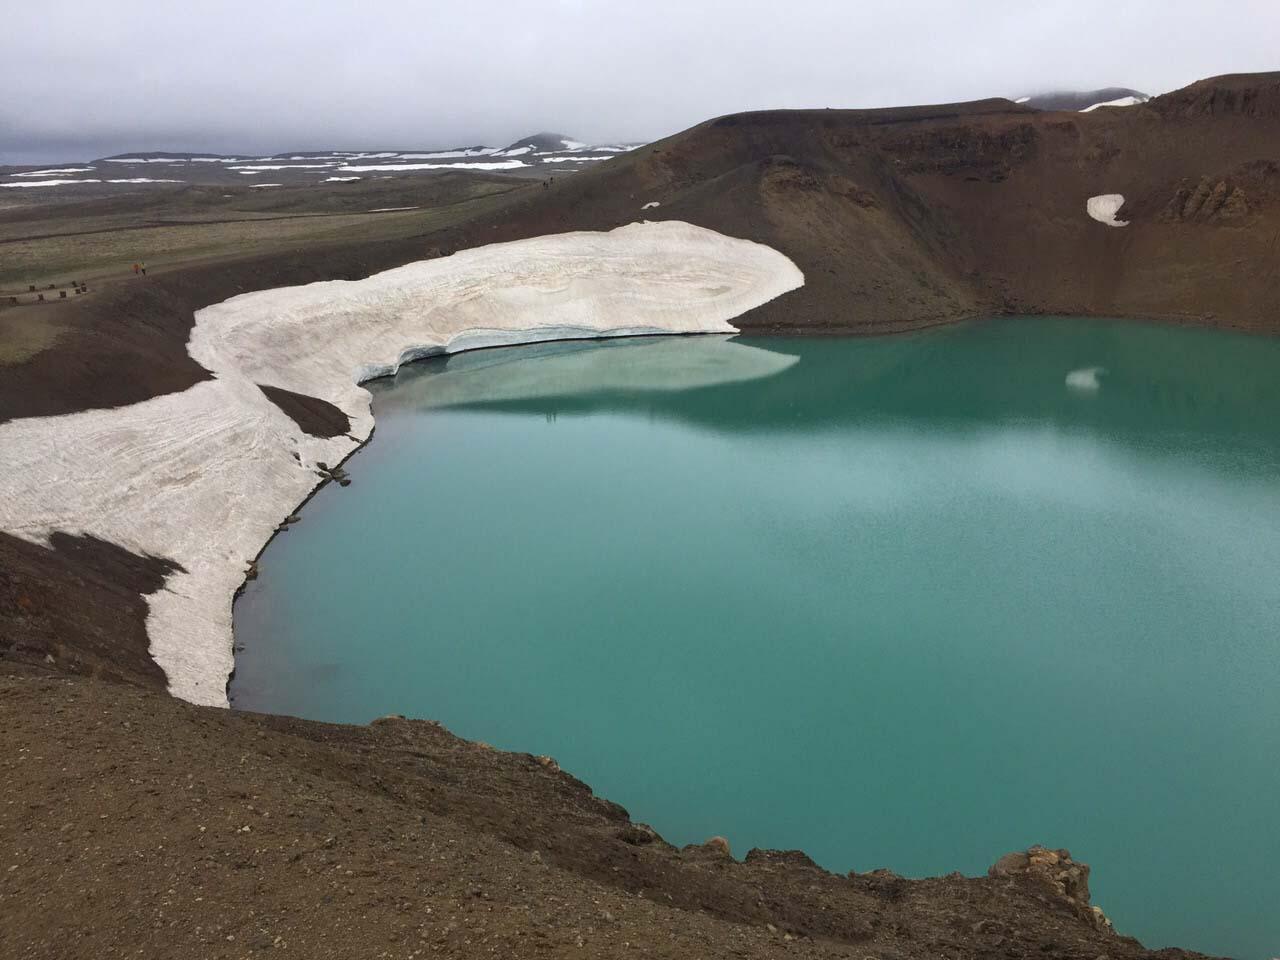 טיול לאיסלנד - חלון אל ראשית הבריאה בממלכתו של ת´ור